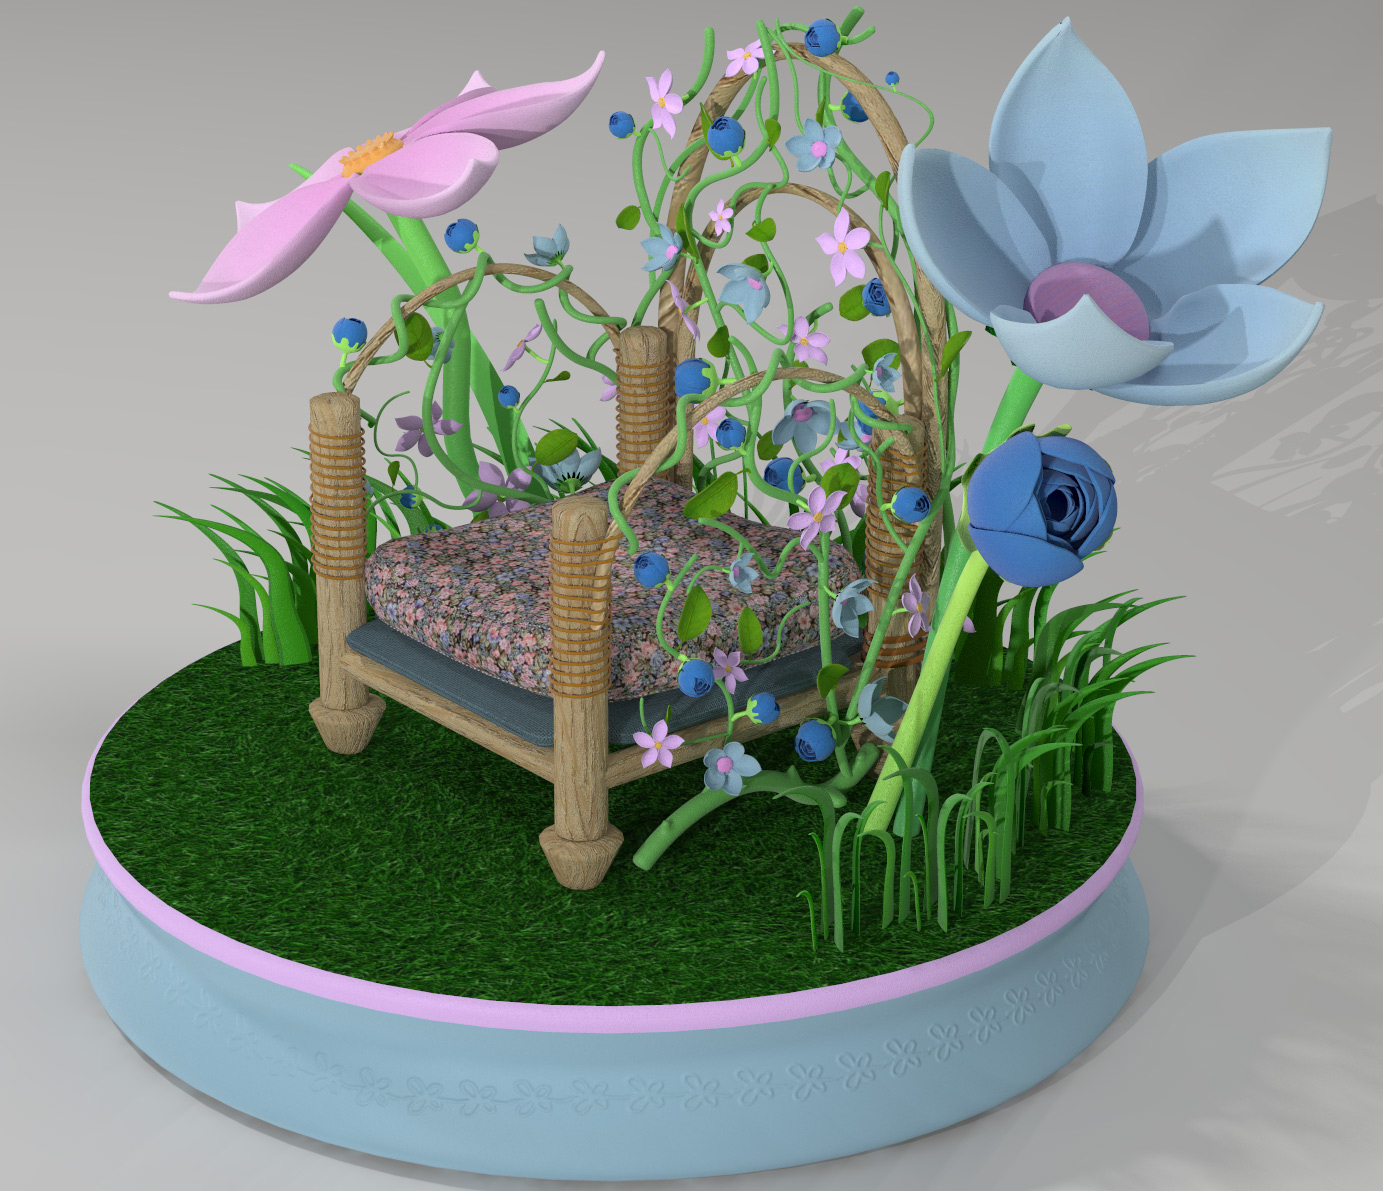 Fairyarmchair promo2